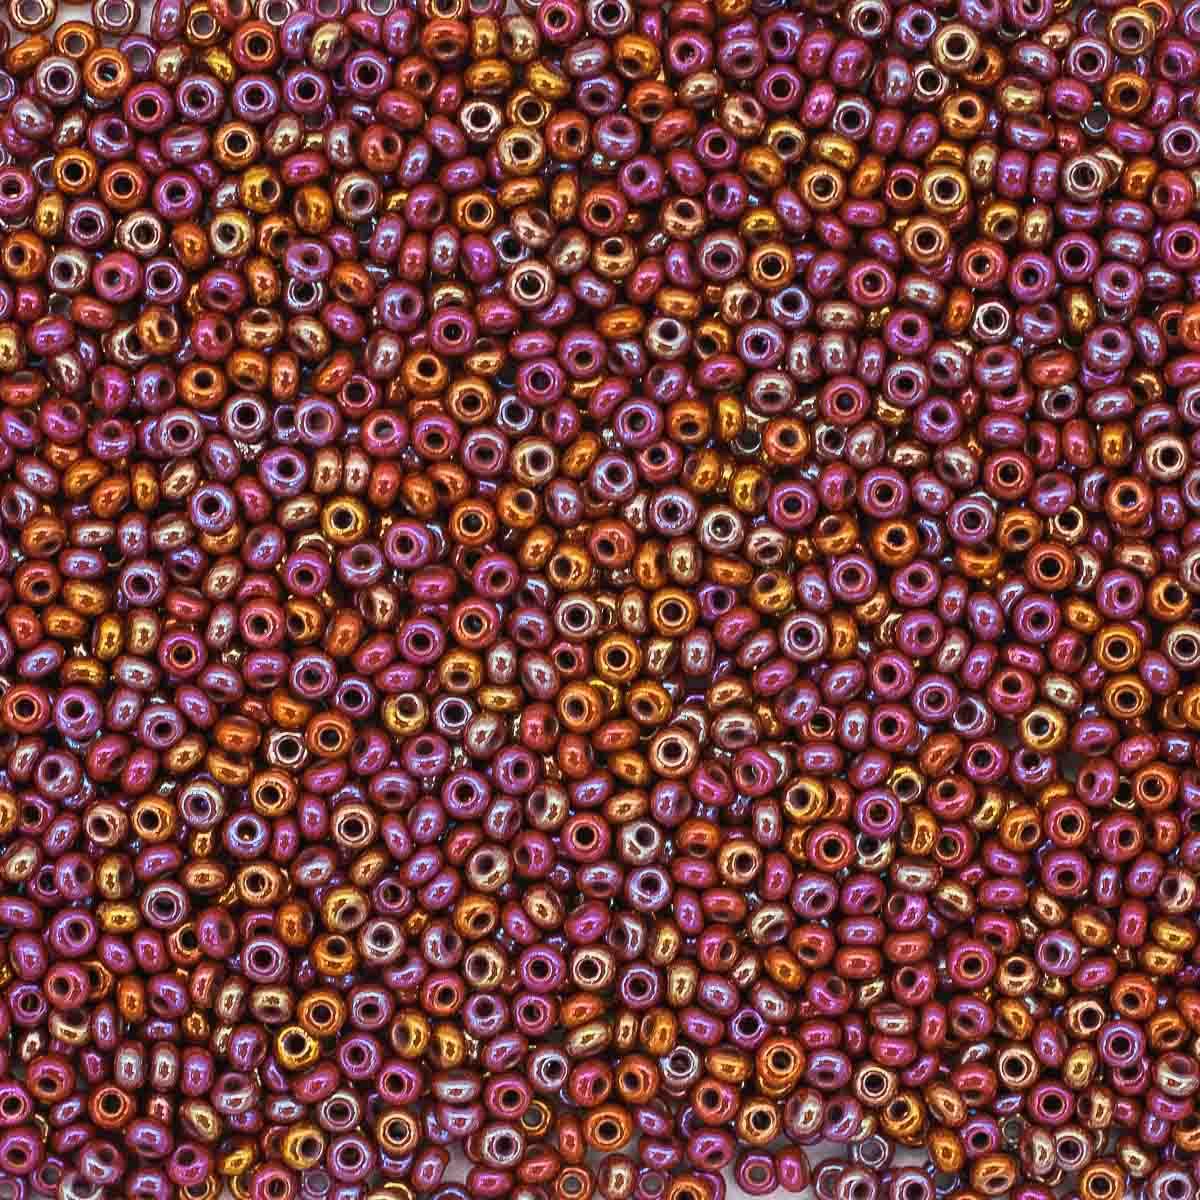 (14600) 331-19001-10/0 Бисер непрозрачный радужный 10/0, круг.отв., 20гр Preciosa фото